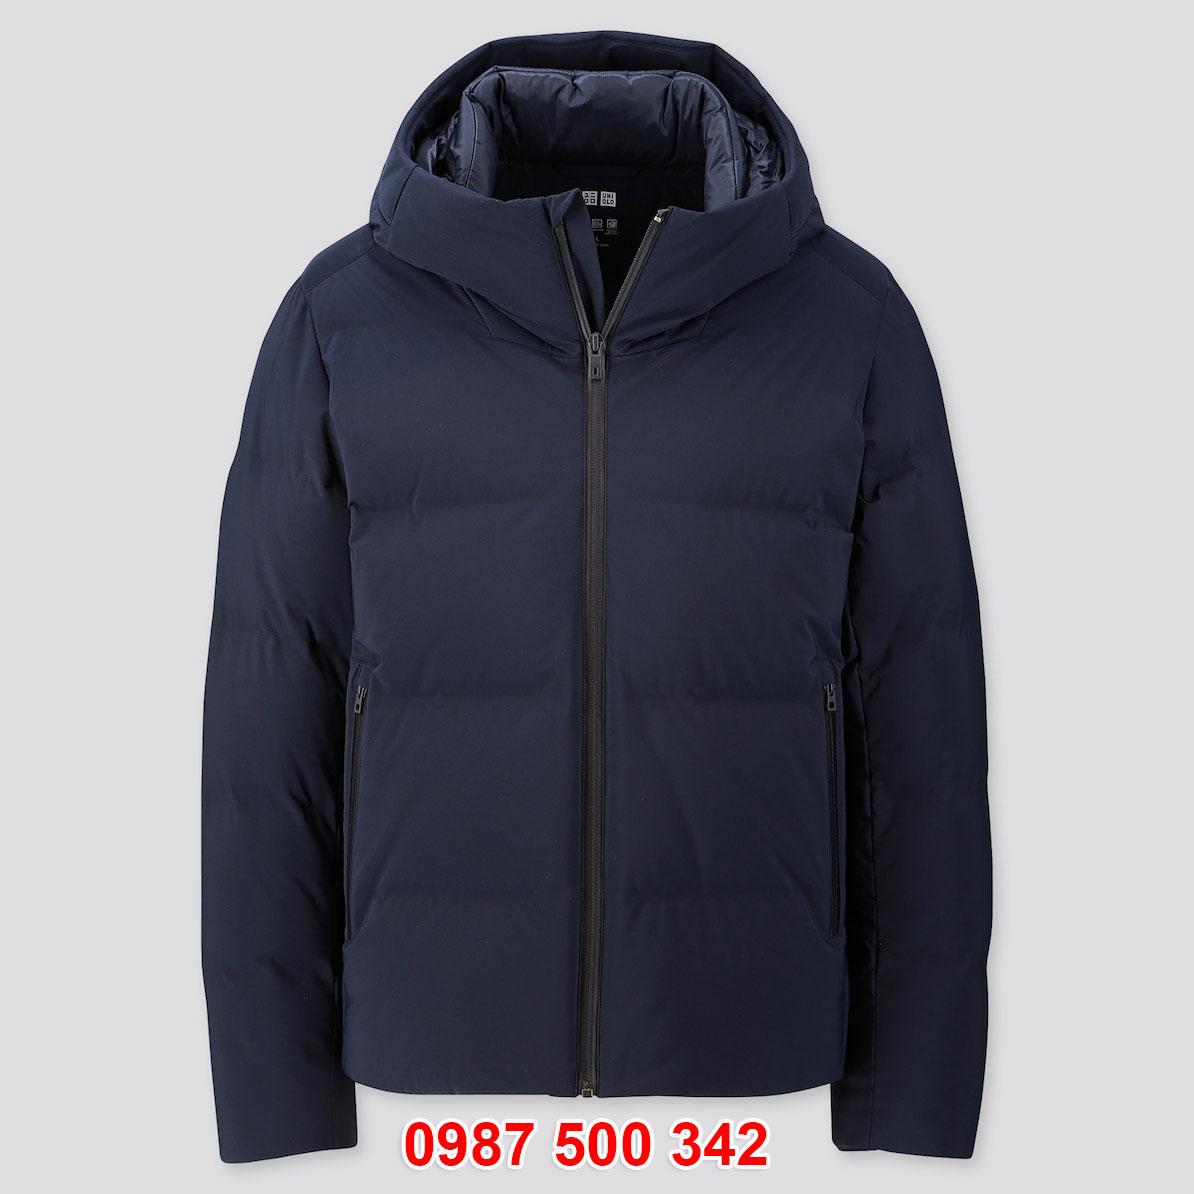 Áo phao lông vũ nam Uniqlo đại hàn dáng ngắn màu xanh đen 69 NAVY 419989